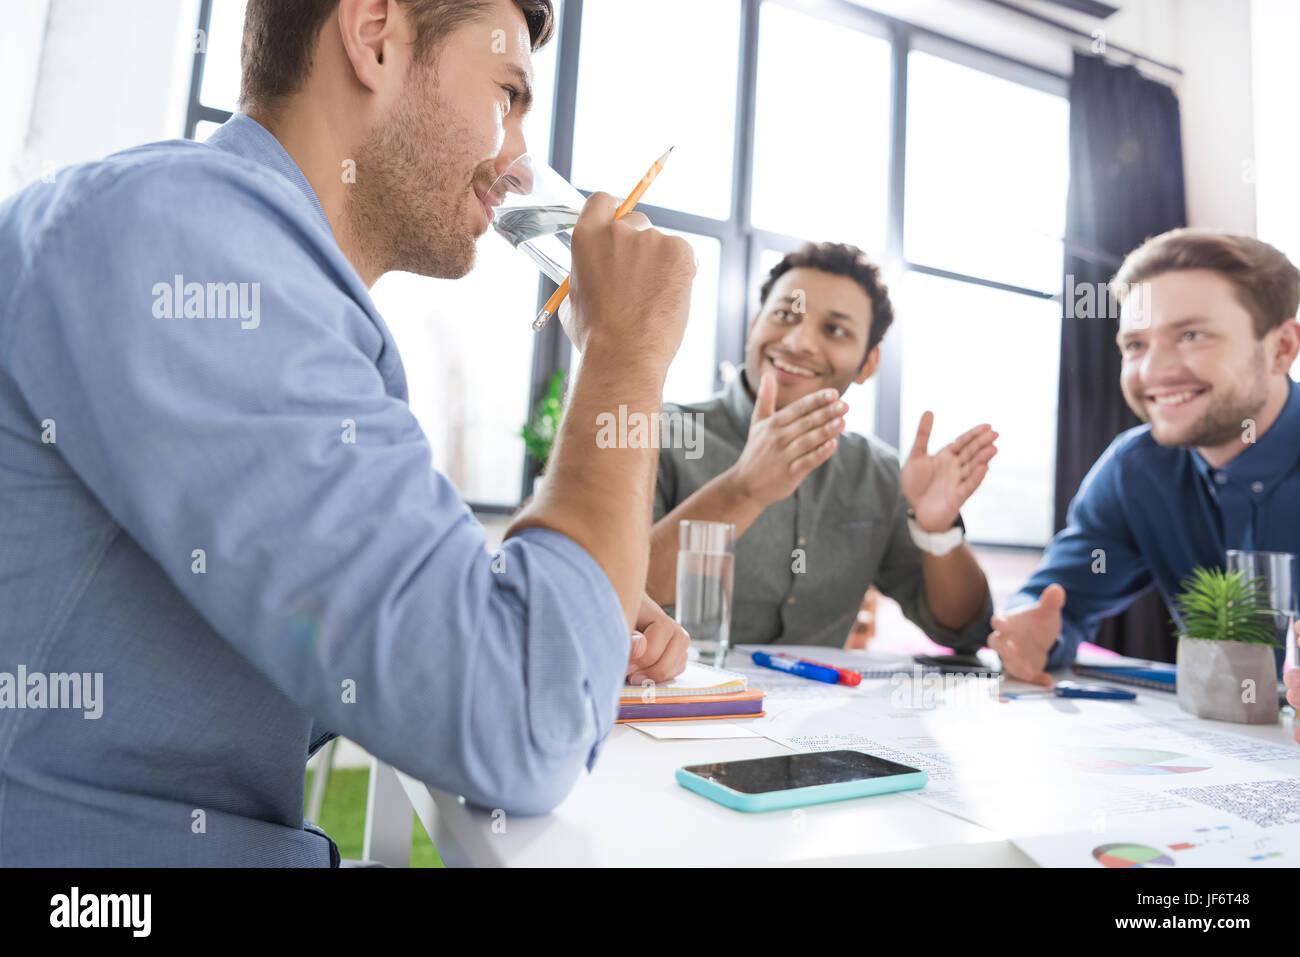 Jóvenes empresarios sonrientes agua potable y discutir nuevos proyectos empresariales, el concepto de trabajo Imagen De Stock